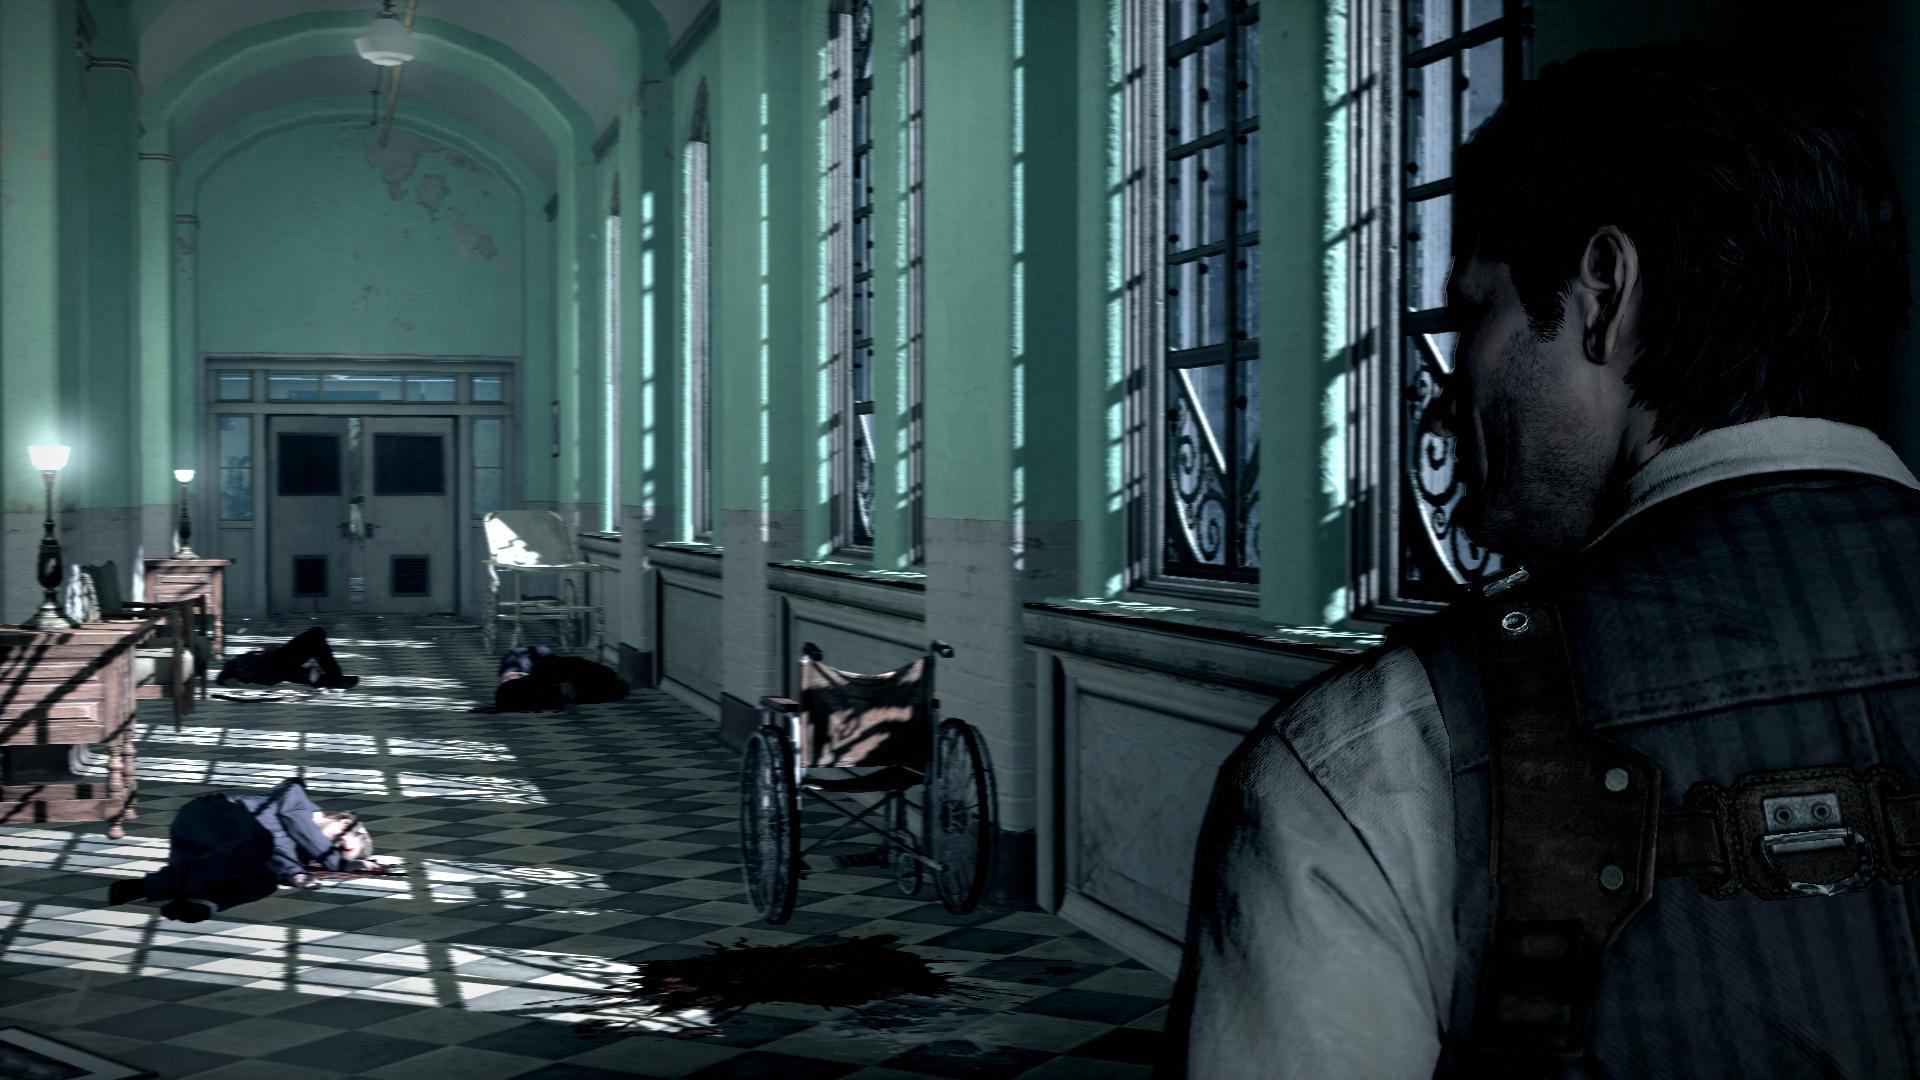 Obrazem: Nezáviděné situace detektiva v hororu The Evil Within 85421